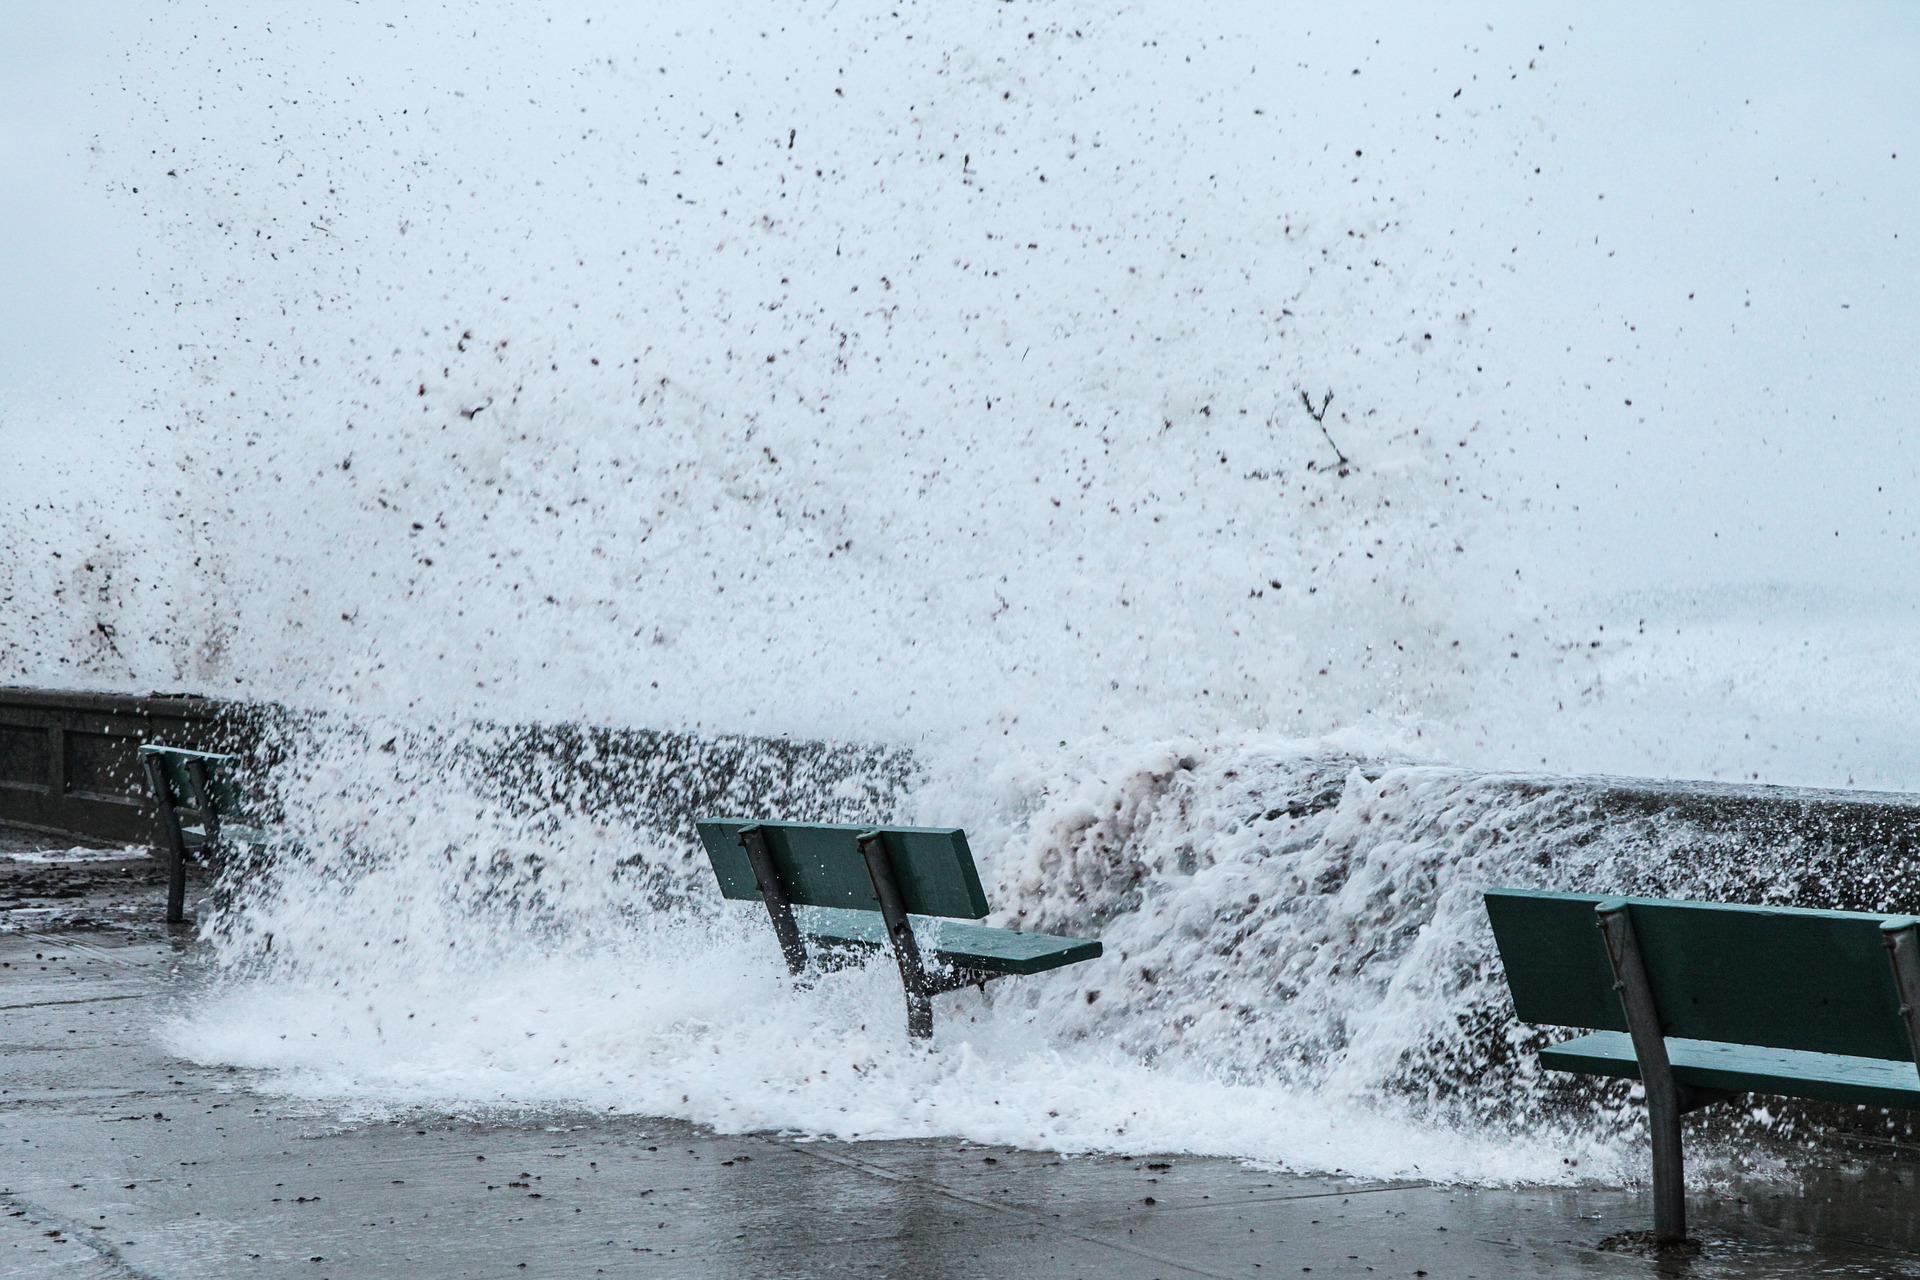 Decretan alerta temprana preventiva por marejadas inusuales en todo el país